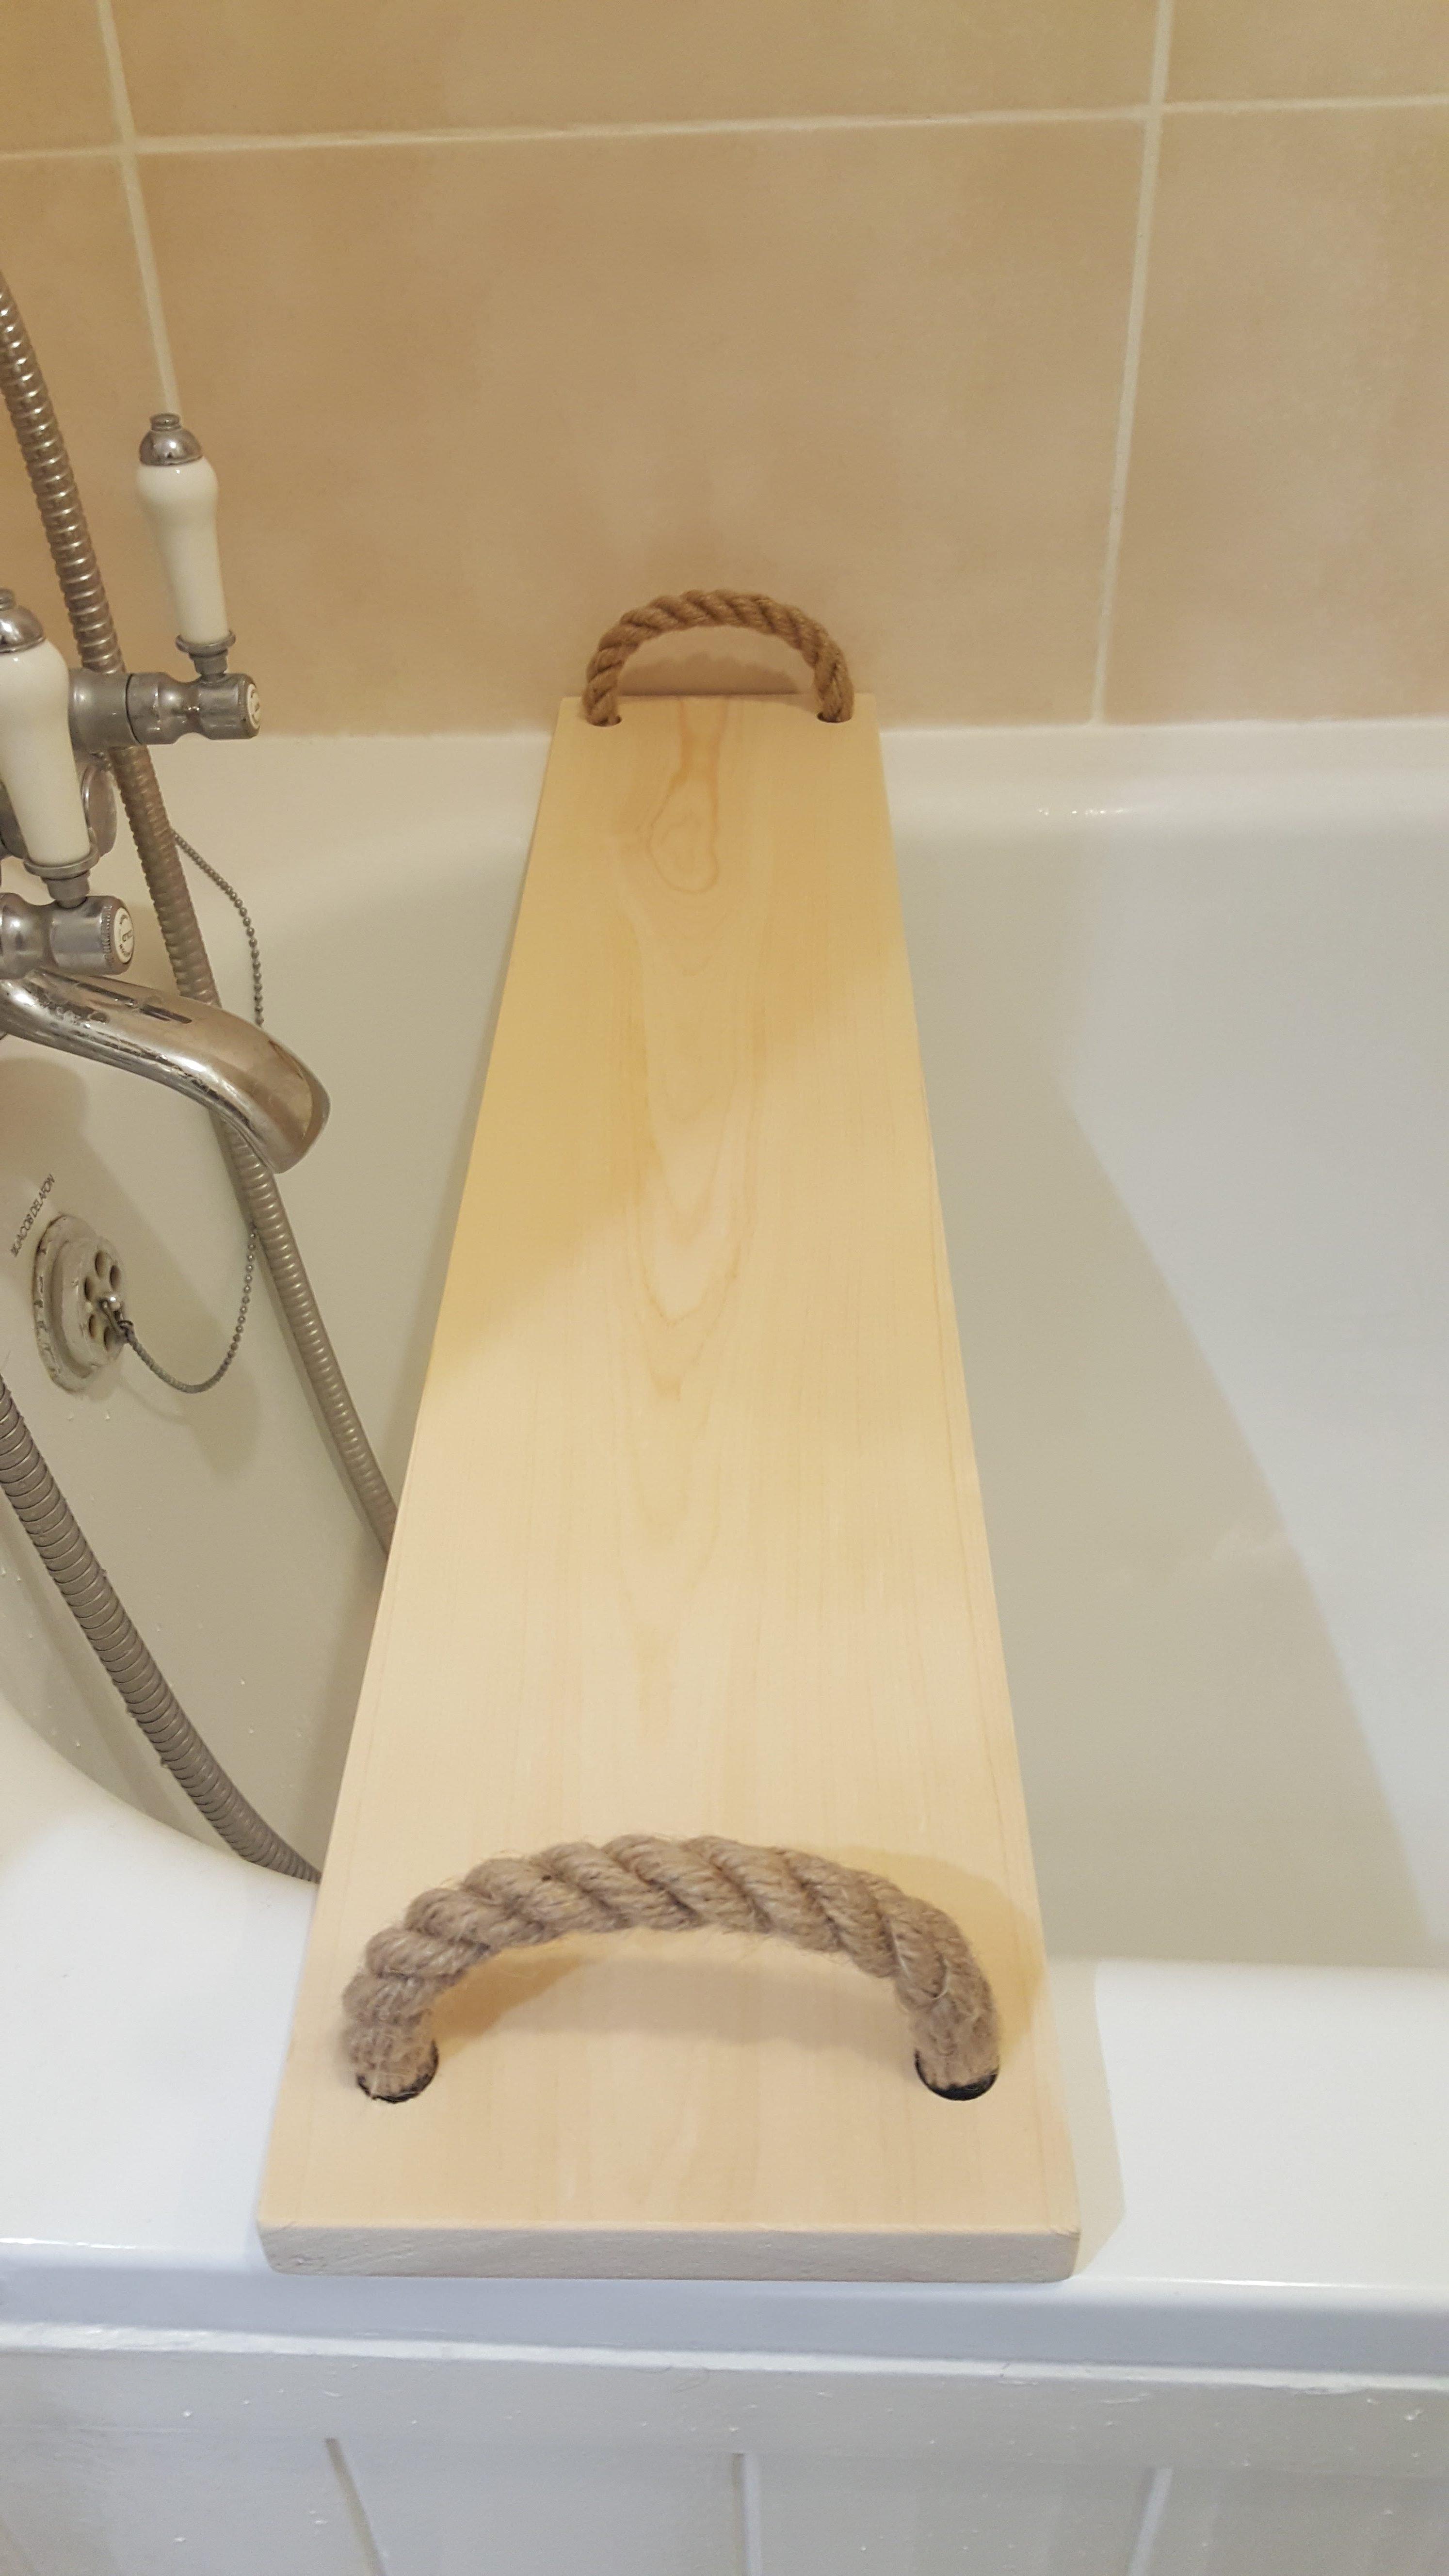 Solid Pine Wood Handmade BathTub Caddy Tray Rack bath Bridge Wooden ...